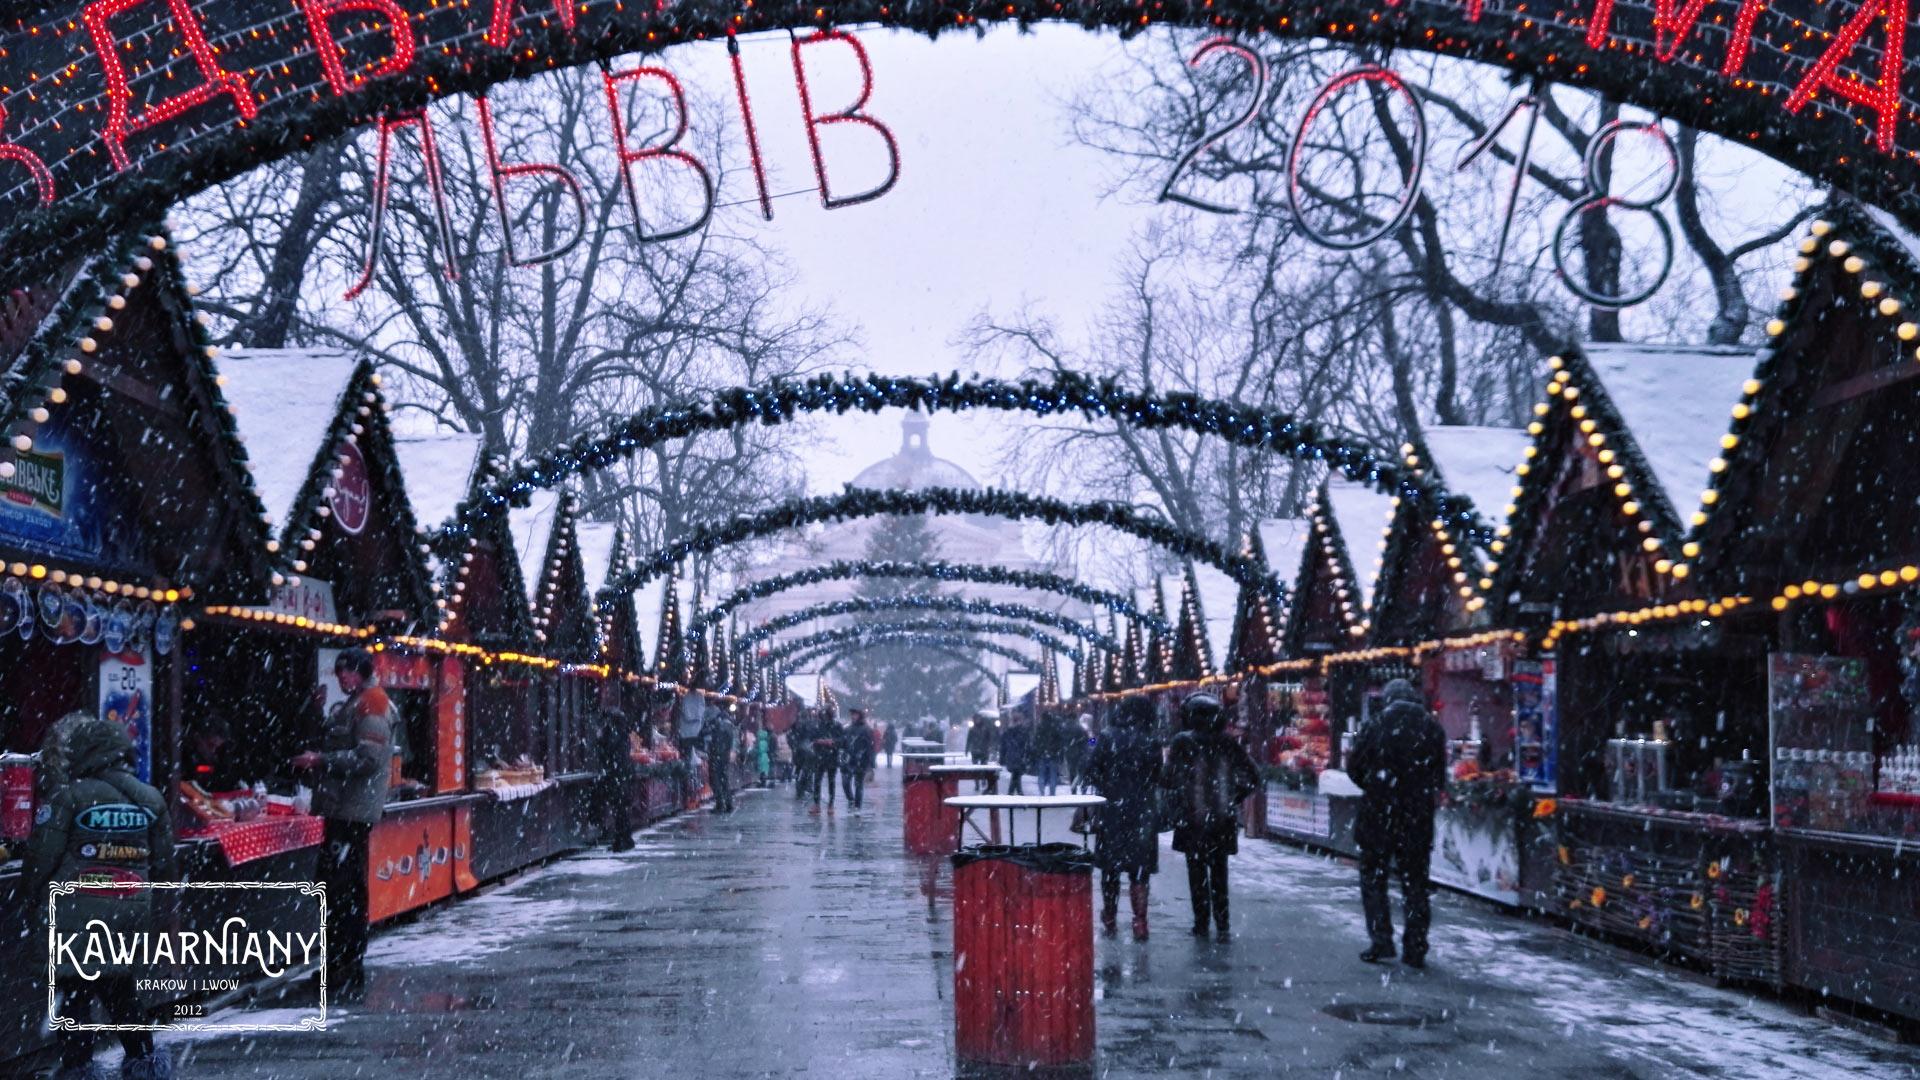 Jarmark Bożonarodzeniowy Lwów